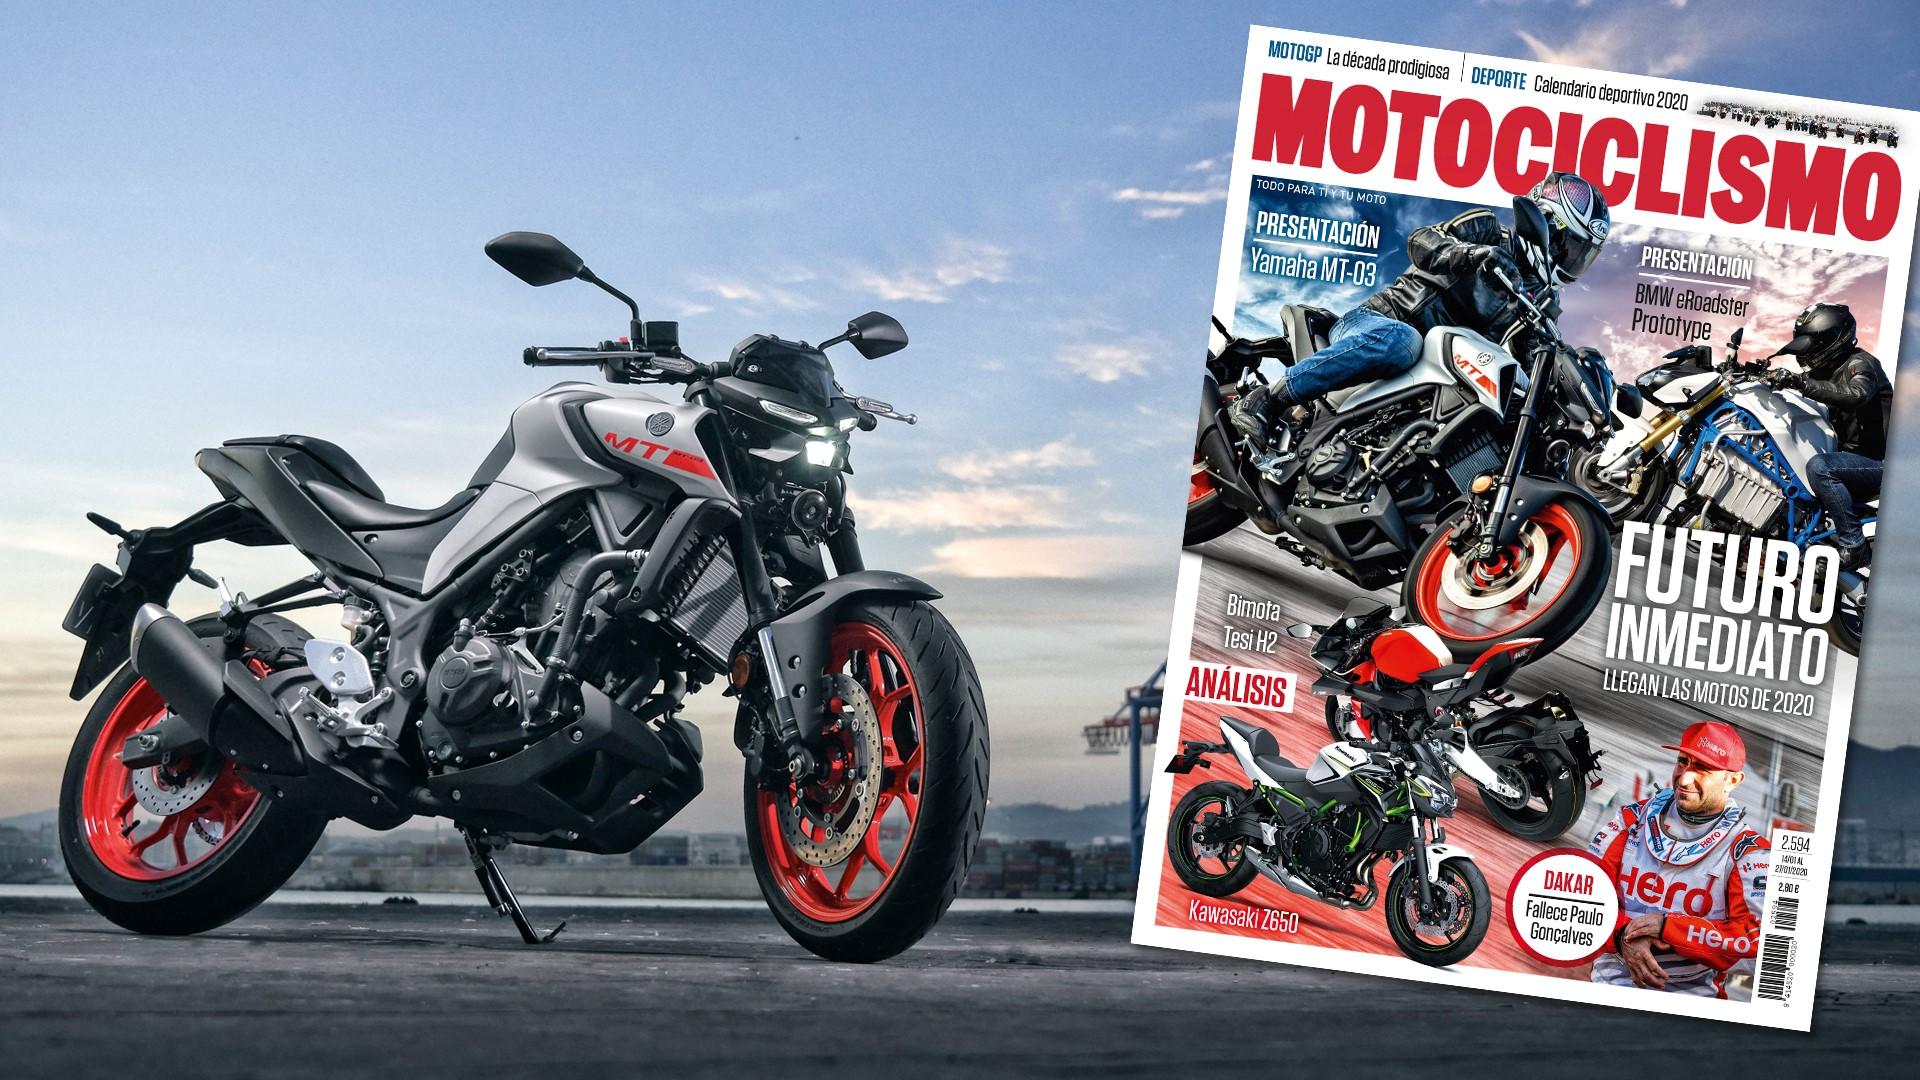 MOTOCICLISMO 2.594, contenidos y sumario de la revista